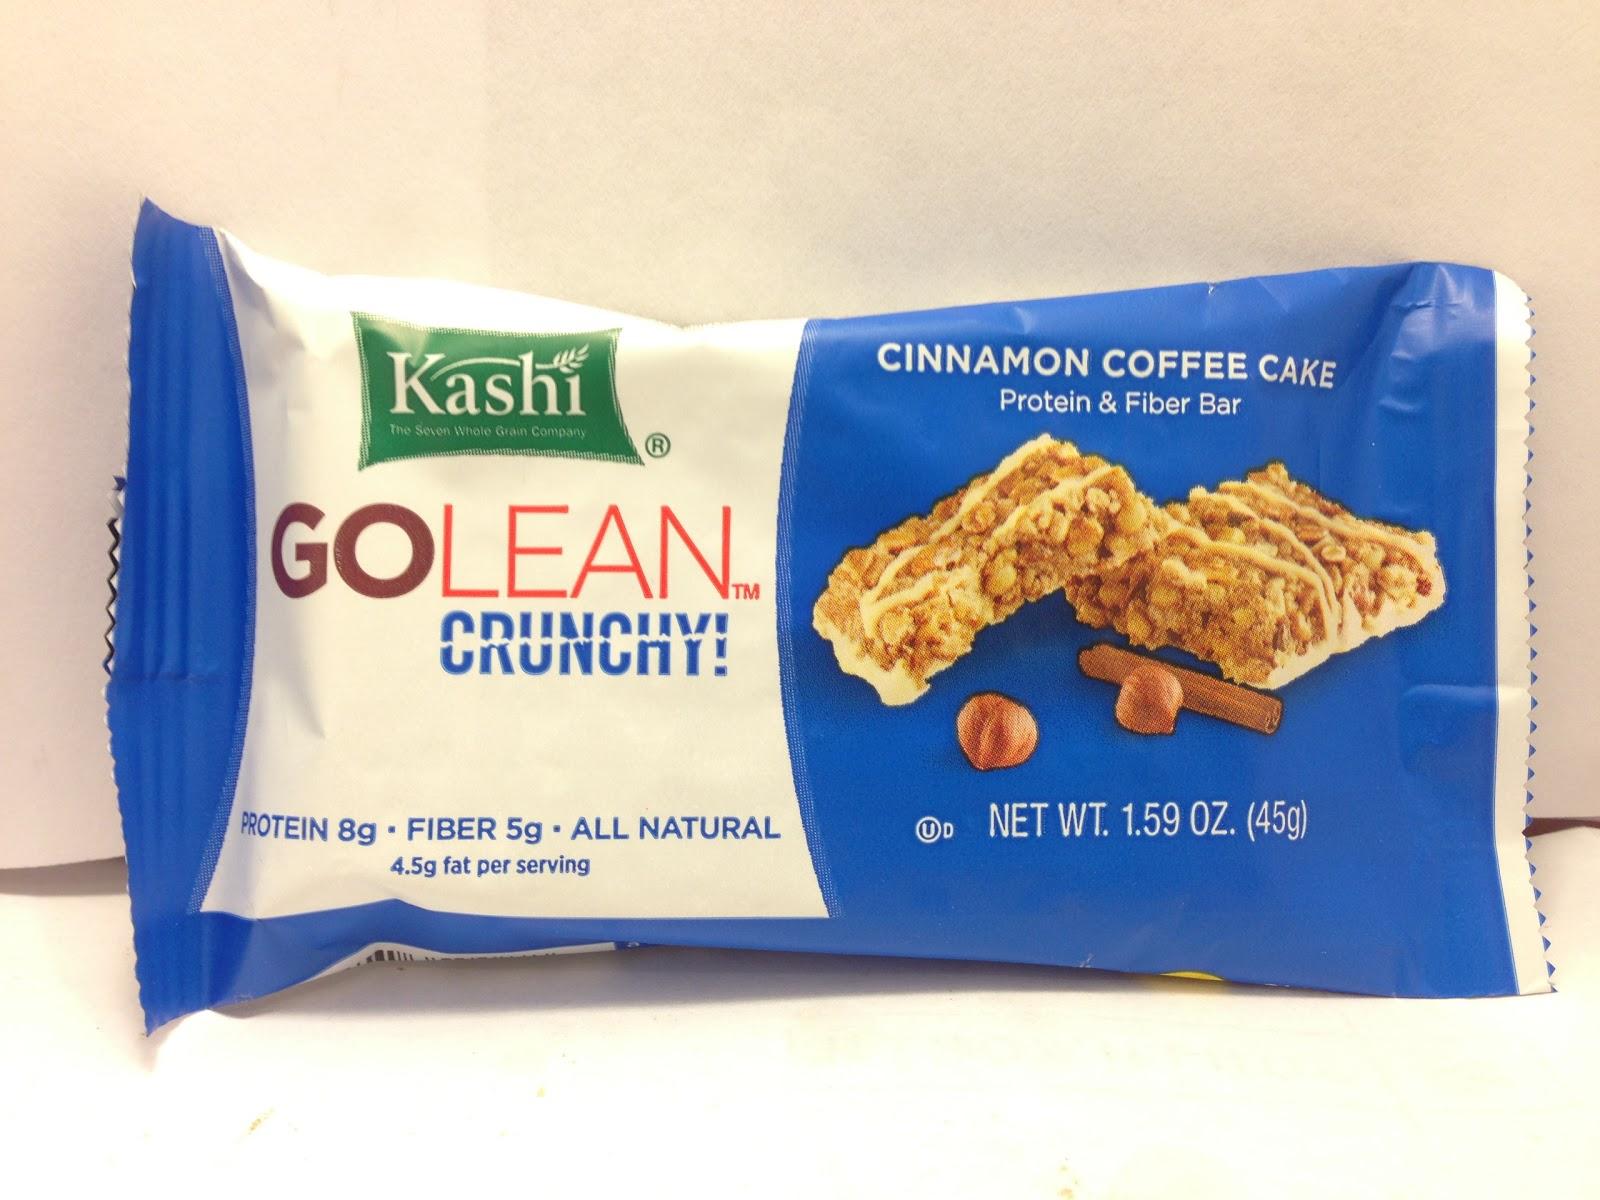 Kashi go lean crunchy bar